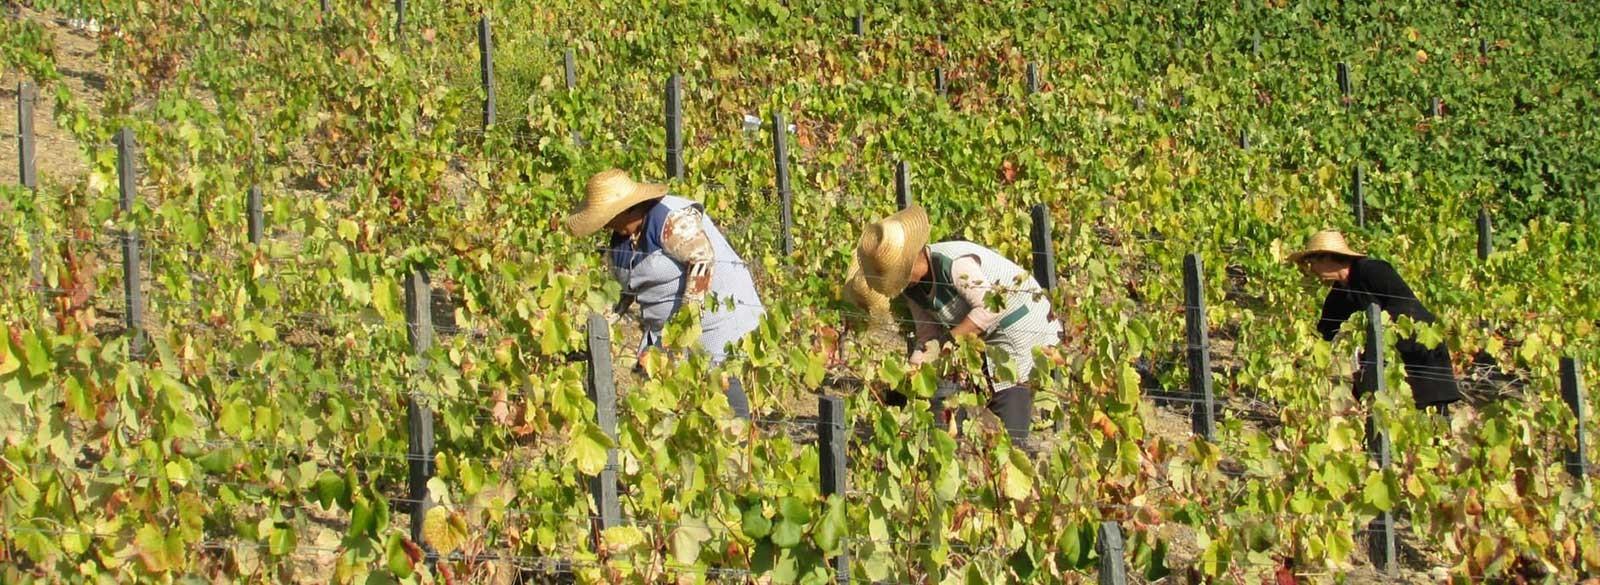 Portugal, el país de las 500 variedades de uva